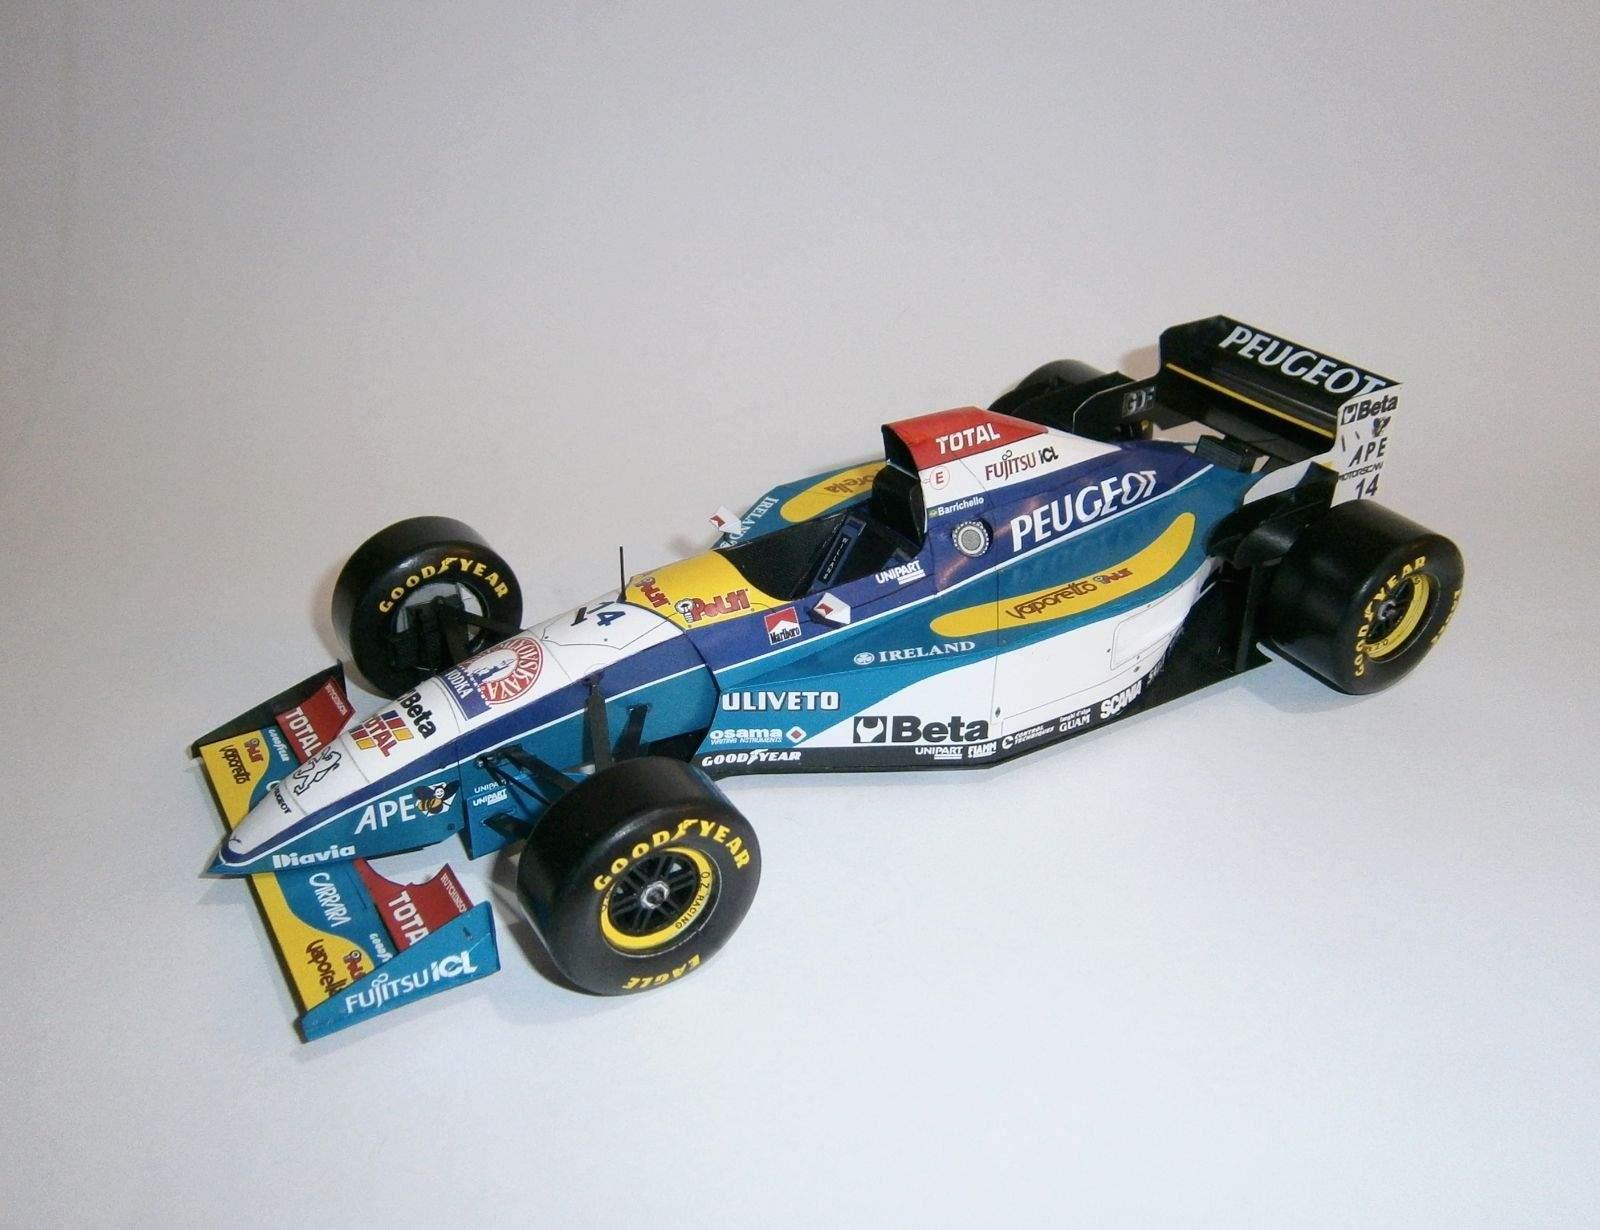 Jordan 195 - R.Barrichello, GP Spain 1995